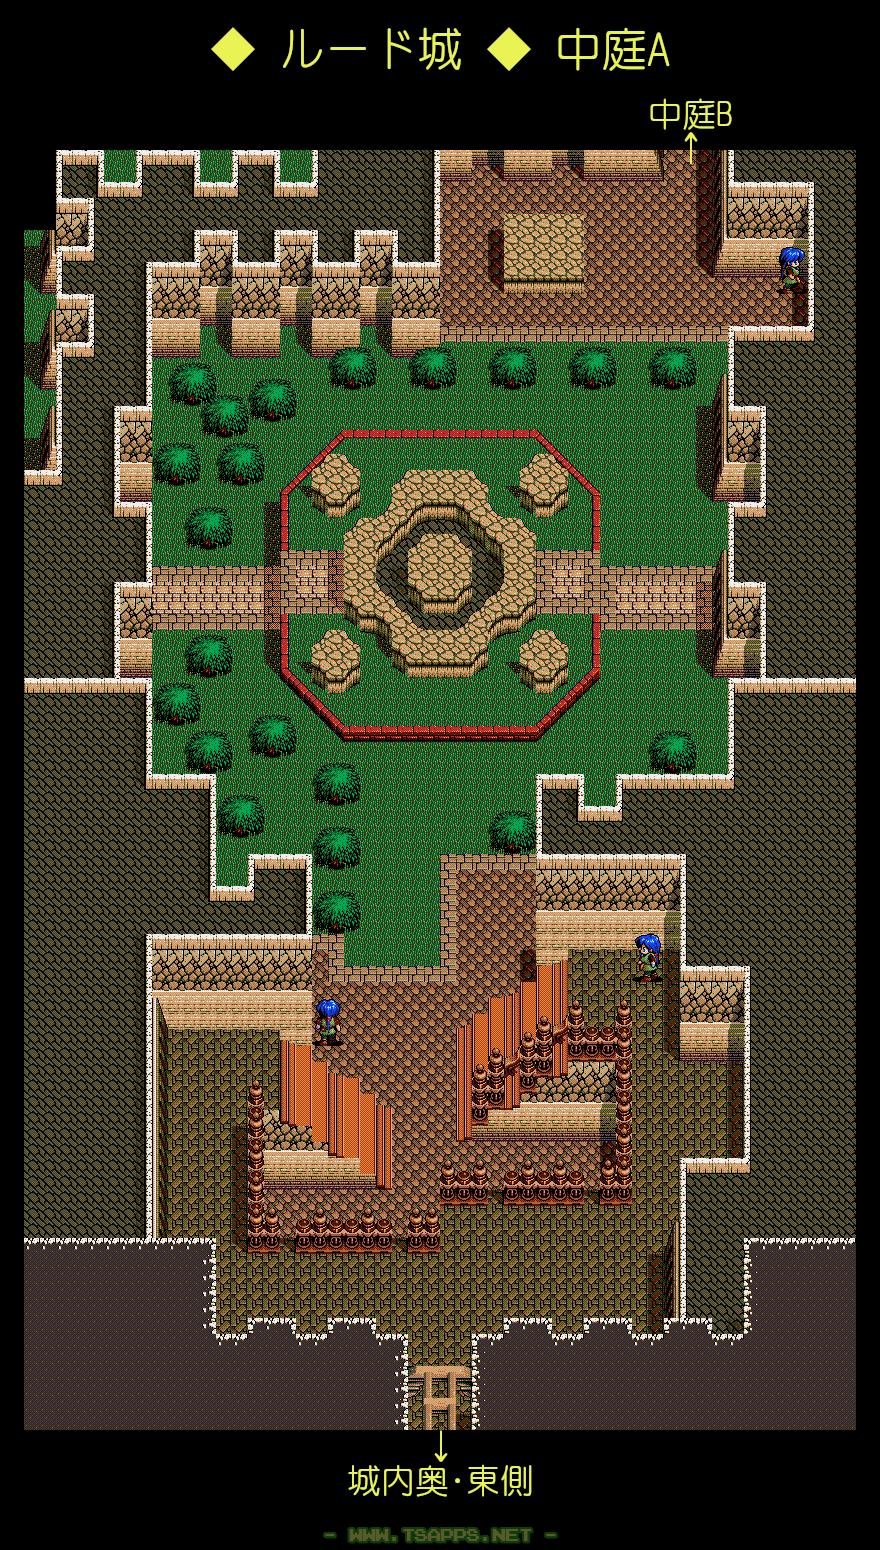 ルード城・中庭A 全体マップ